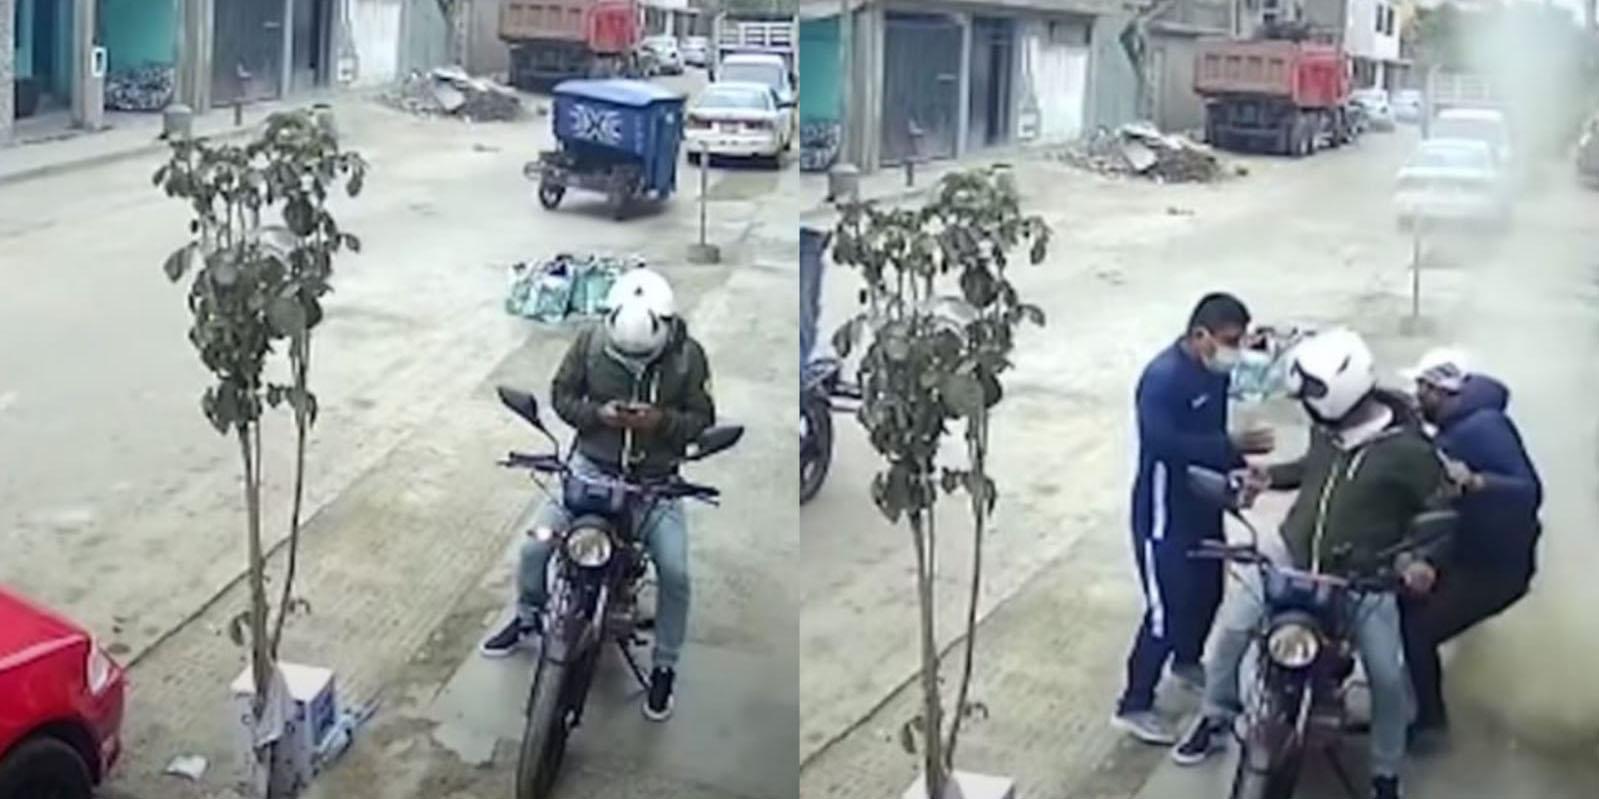 Video: Albañil lanza bolsa con escombros a ladrones para frustrar asalto | El Imparcial de Oaxaca